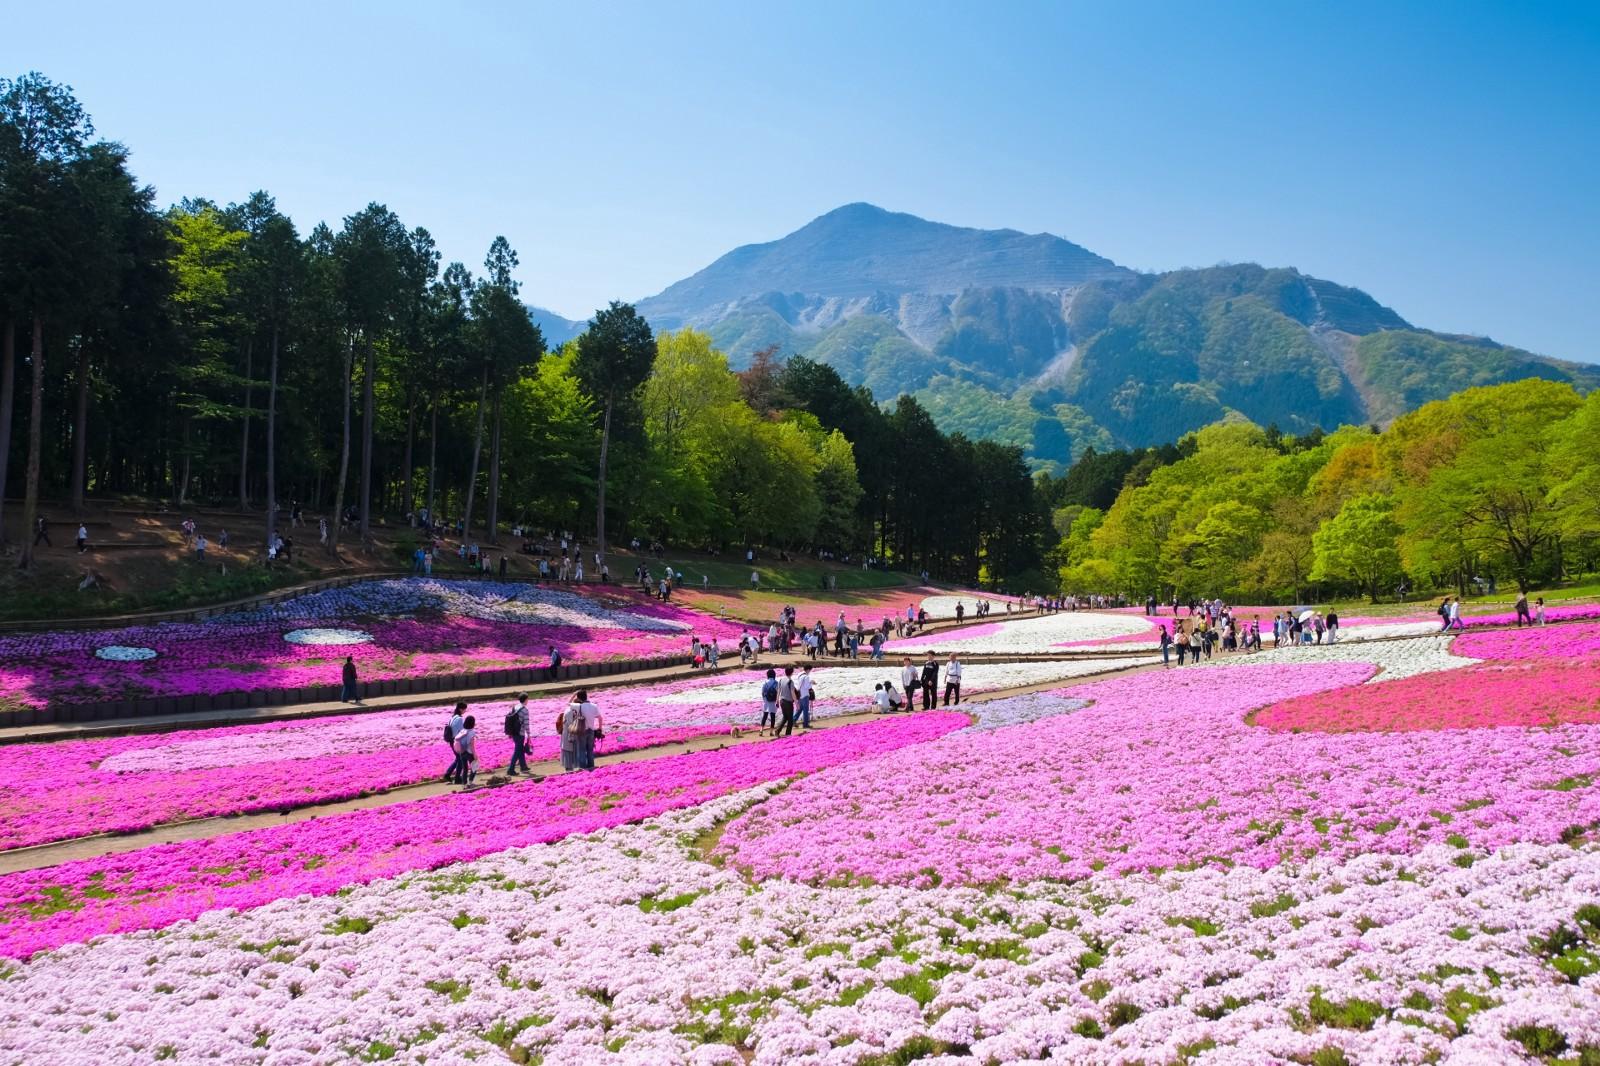 Cherry blossoms at Hitsujiyama Park in Chichibu, Saitama